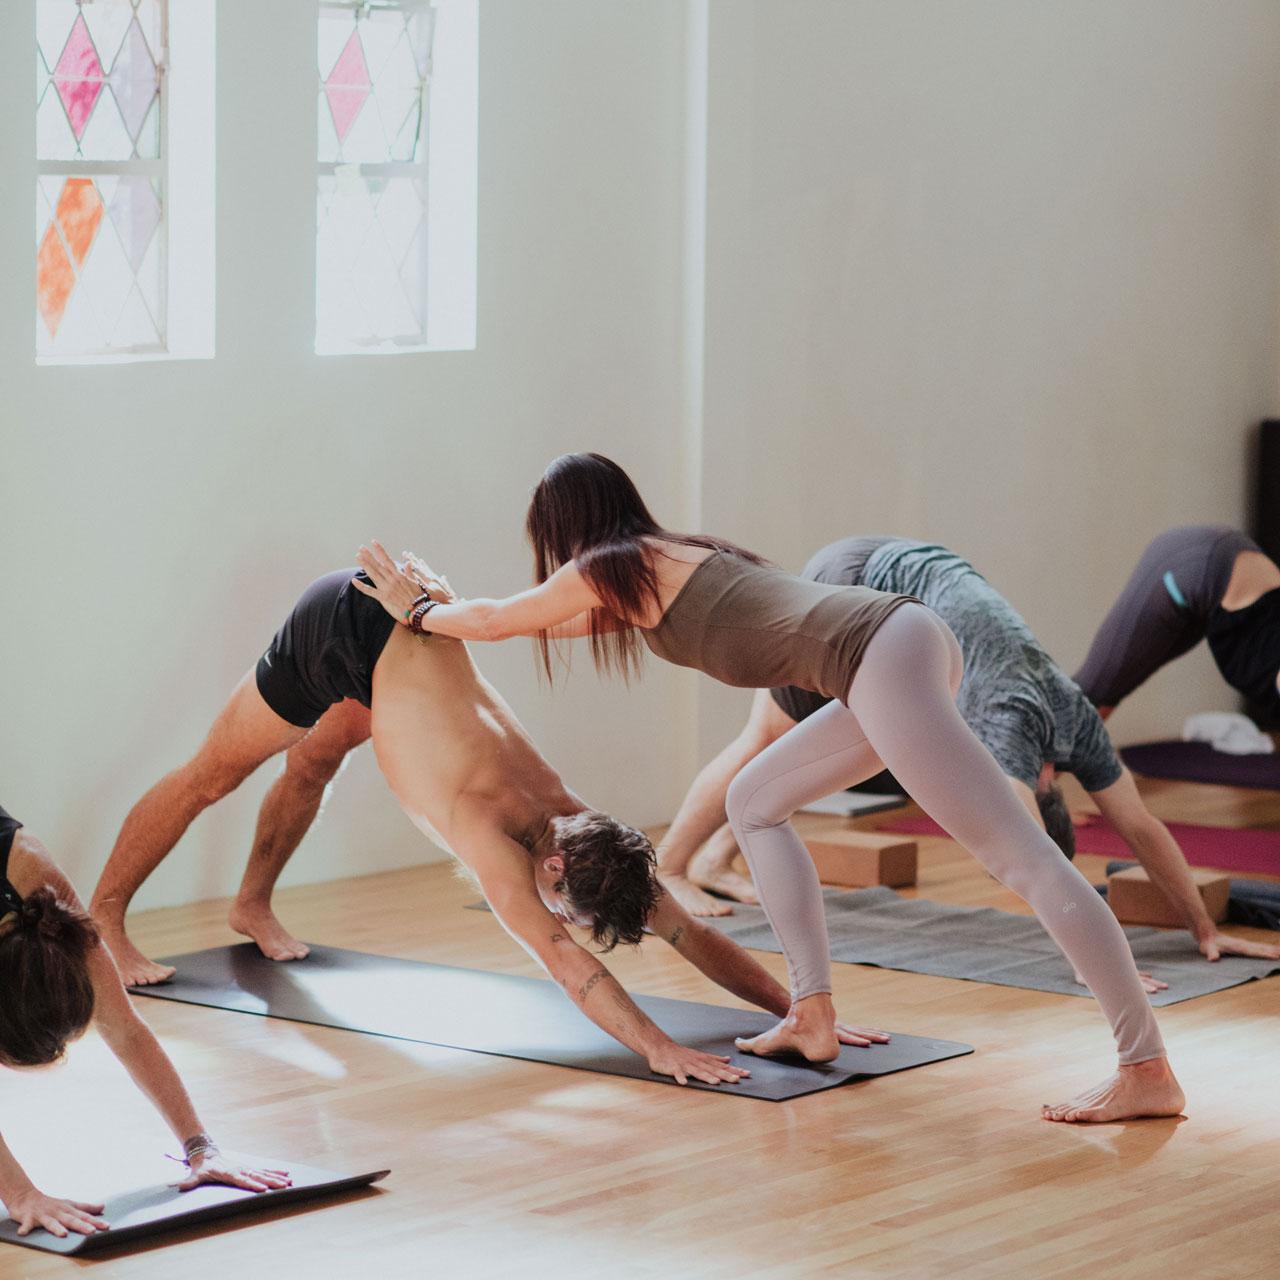 Yoga_Space_Photos-4803-1200.jpg